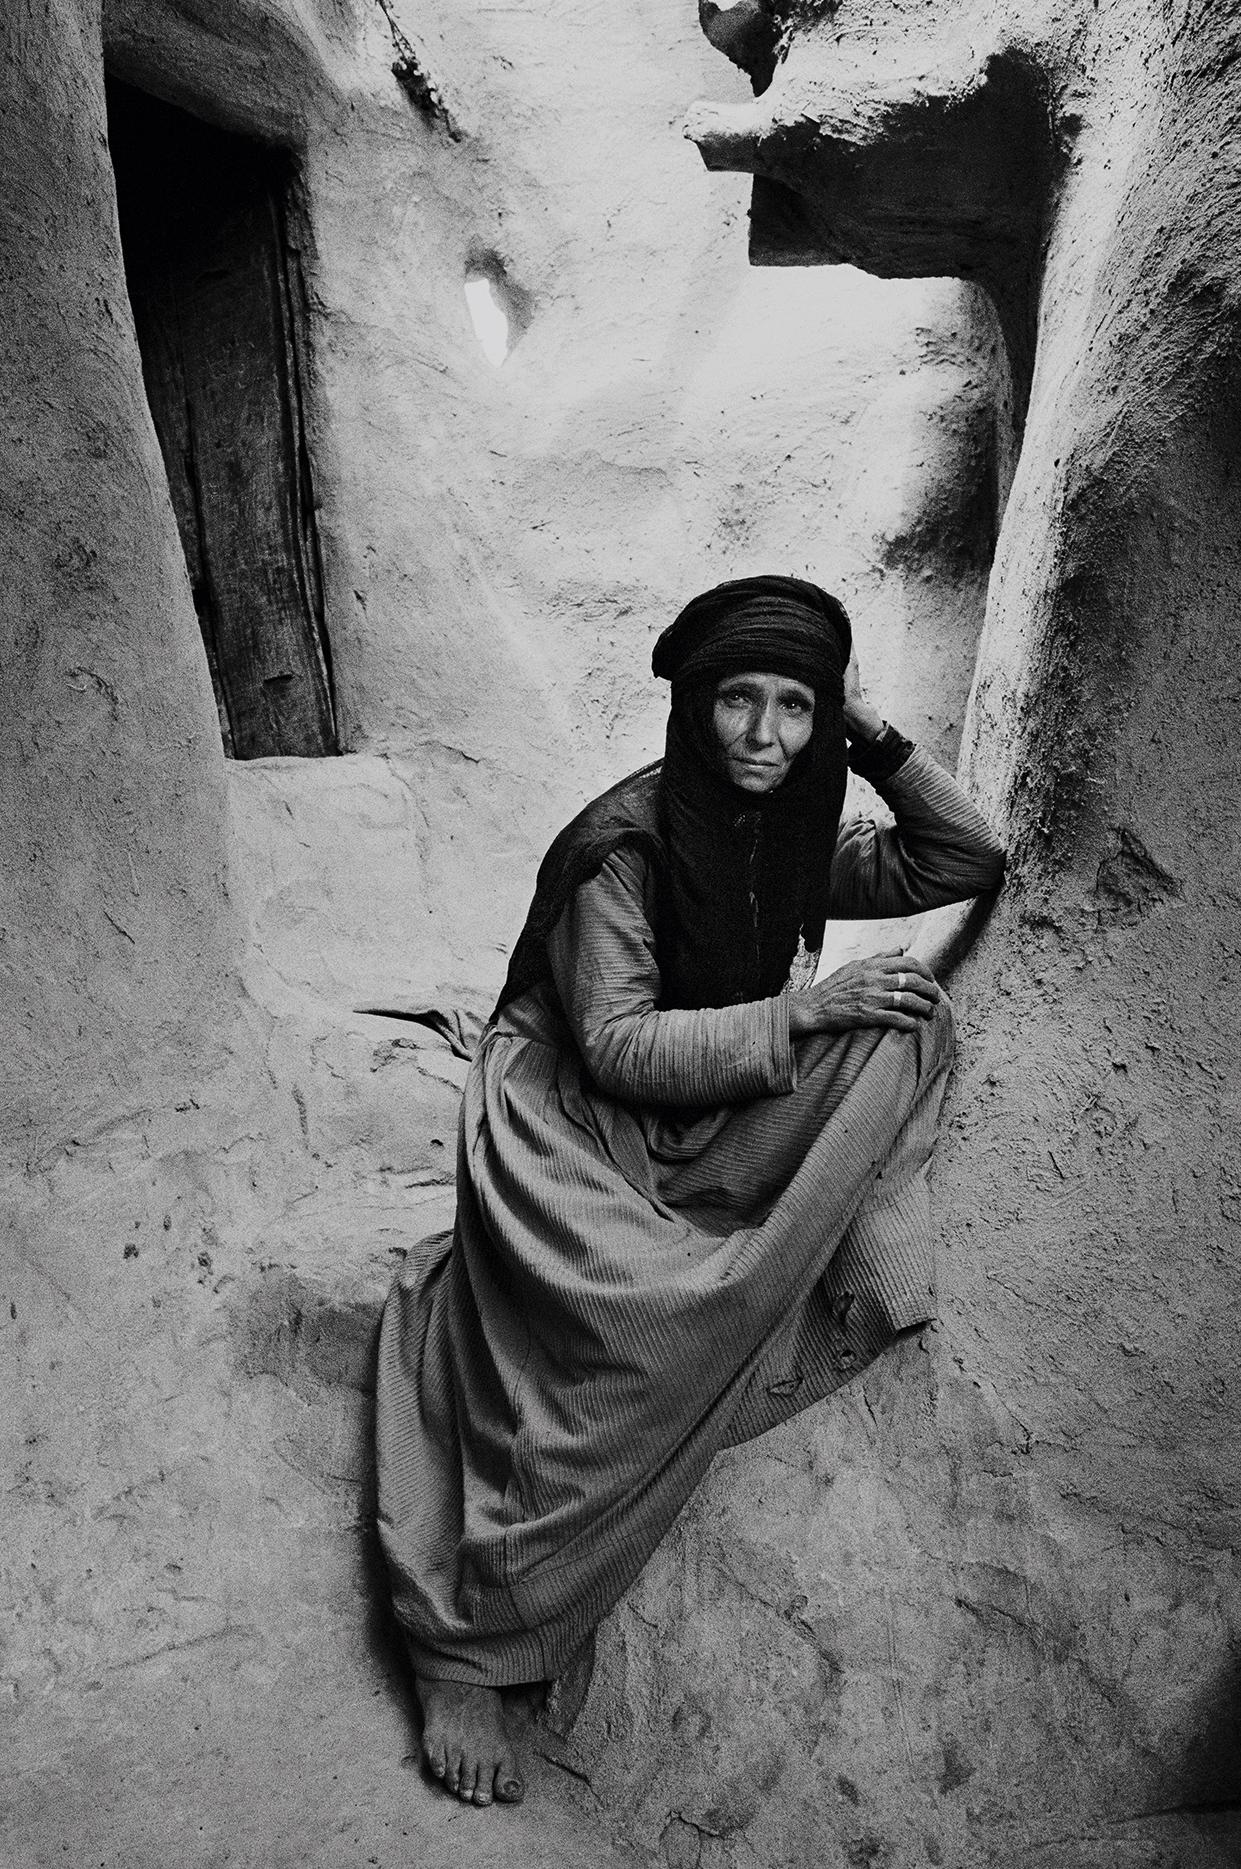 Yemen, 1983